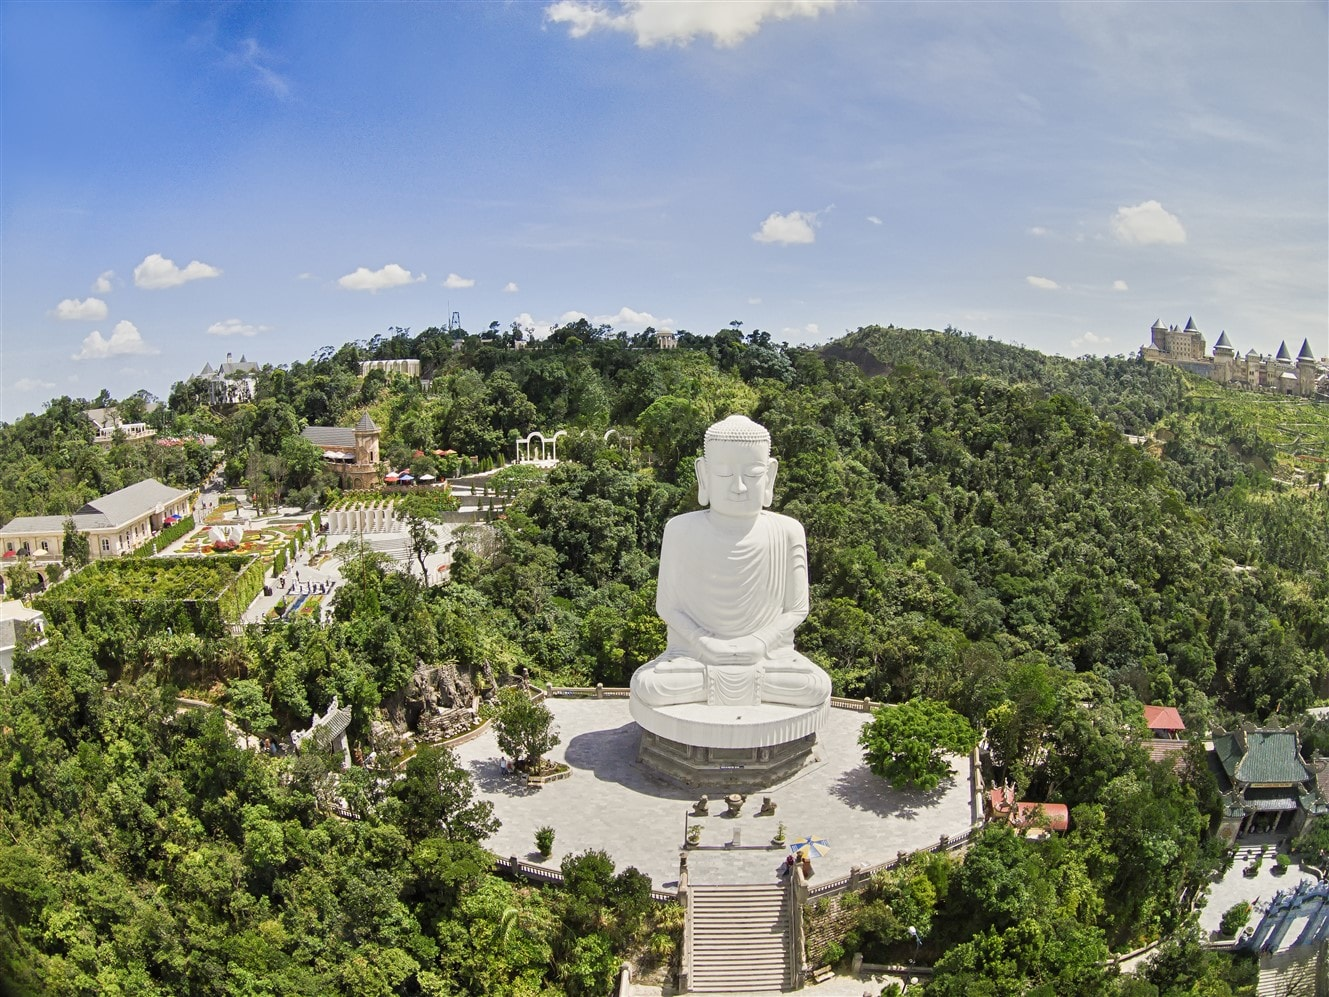 Địa chỉ: Khu du lịch sinh thái Bà Nà – Suối Mơ, thôn An Lợi, xã Hòa Ninh, huyện Hòa Vang, TP. Đà Nẵng